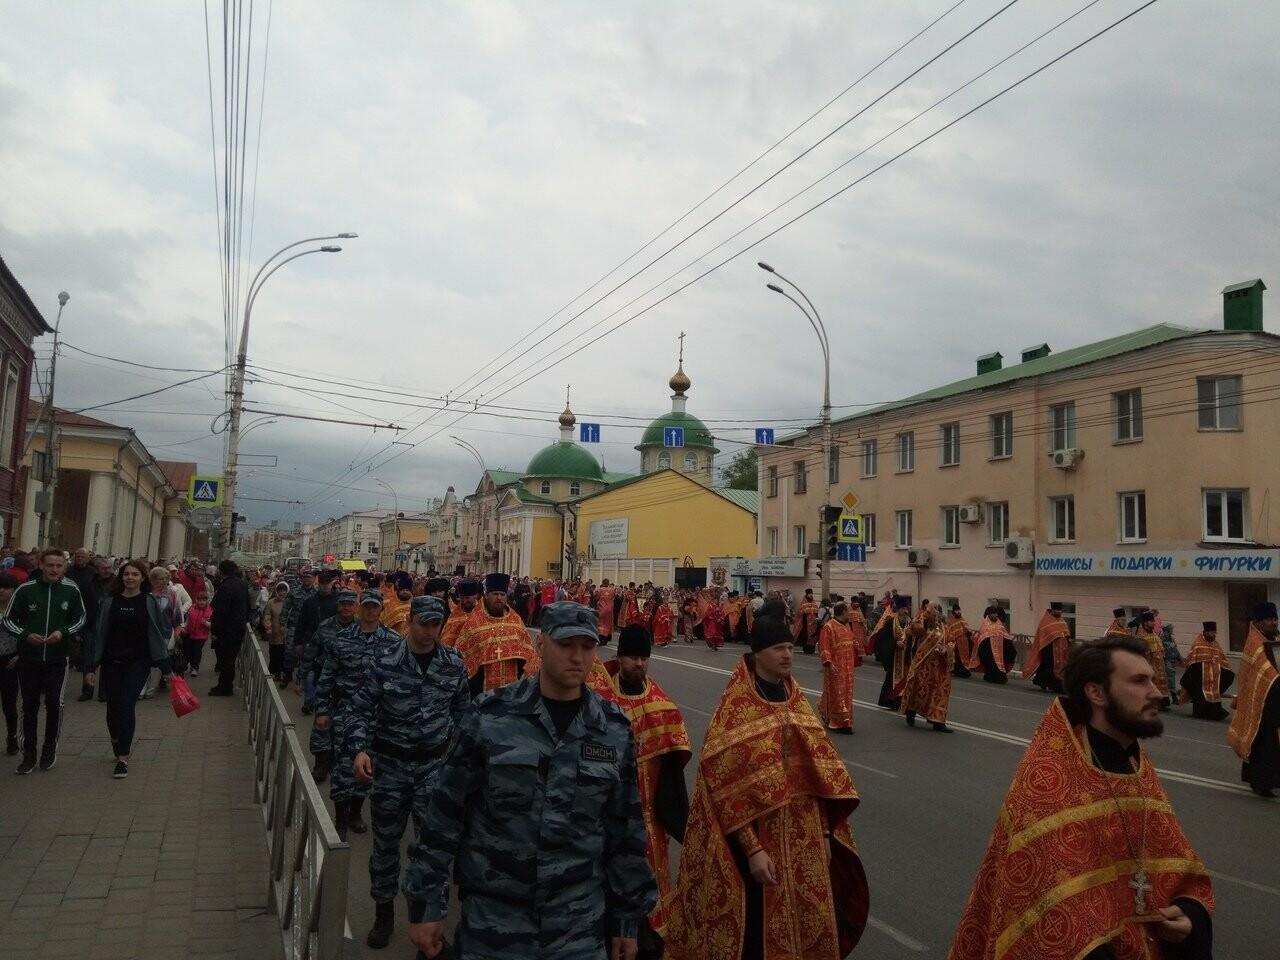 Тамбовские верующие совершили пасхальный крестный ход по улицам Тамбова, фото-5